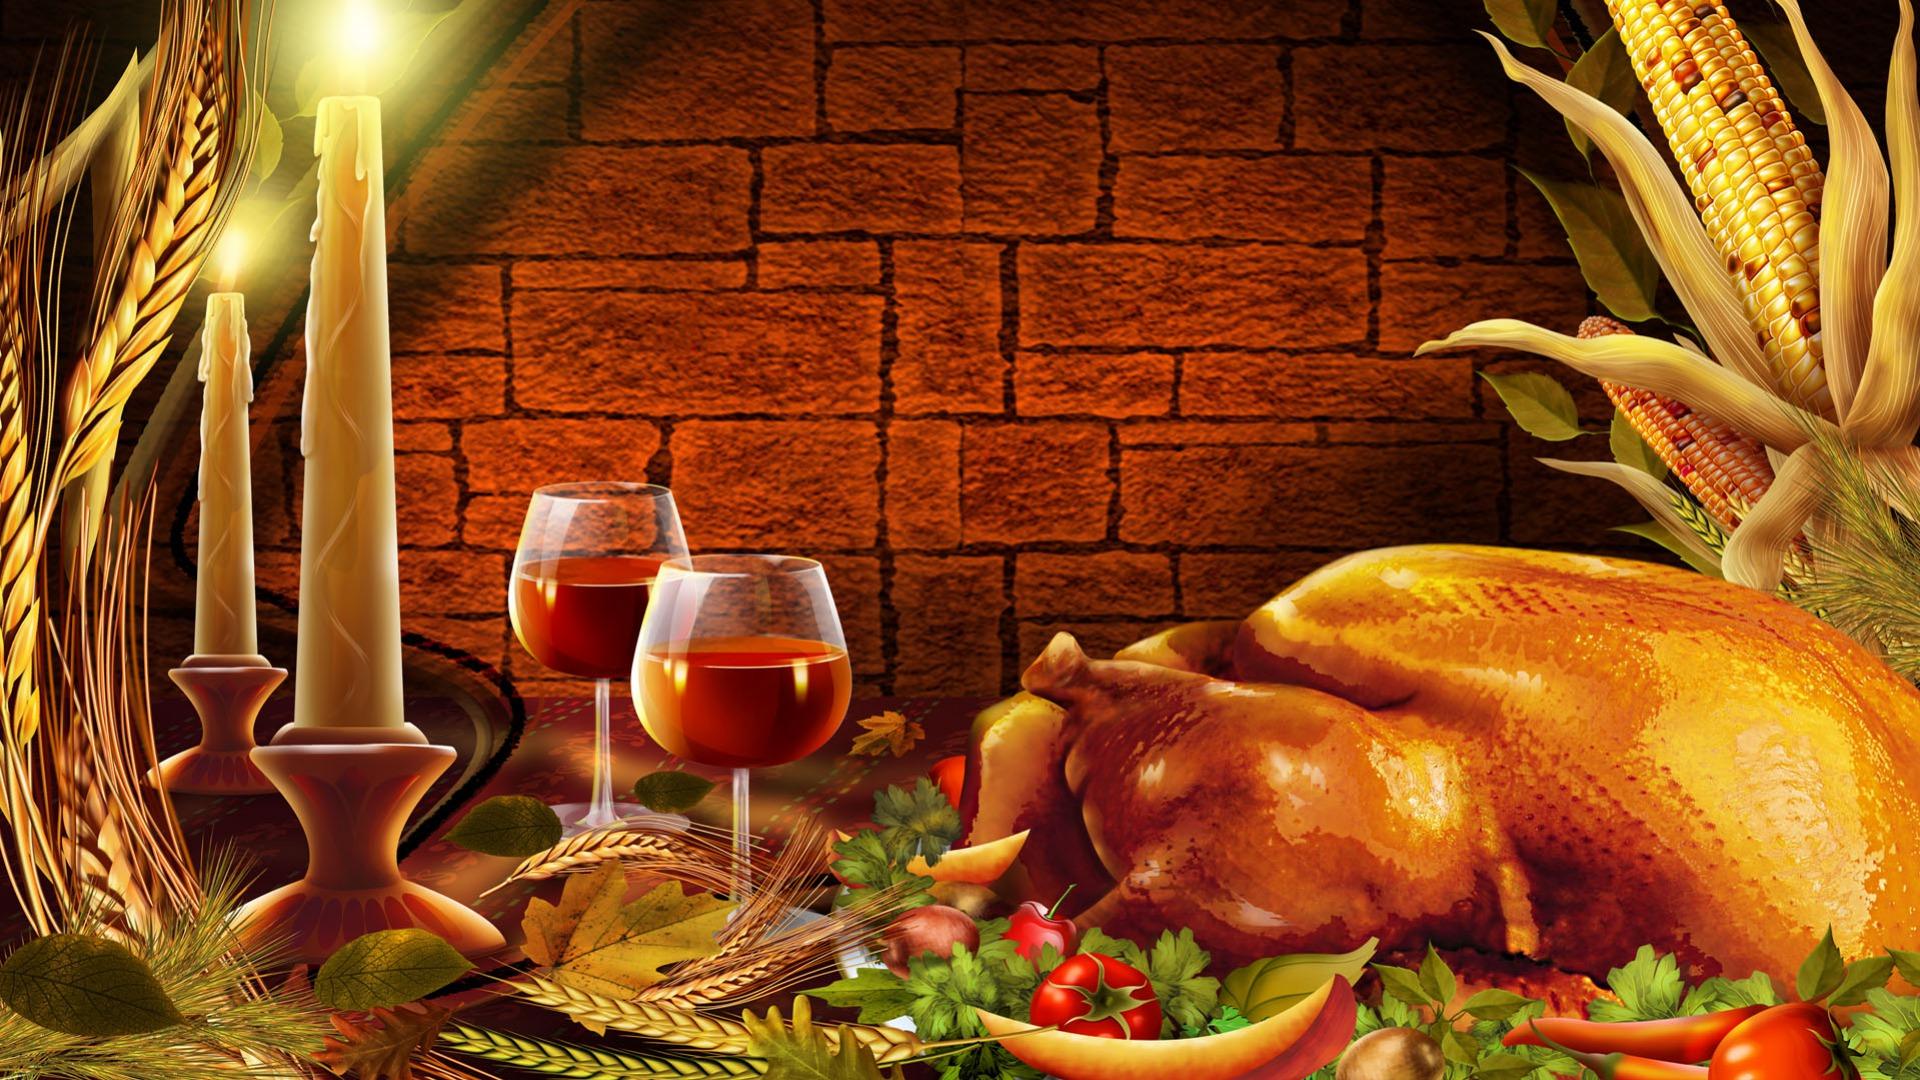 Hình nền Thanksgiving 65443840